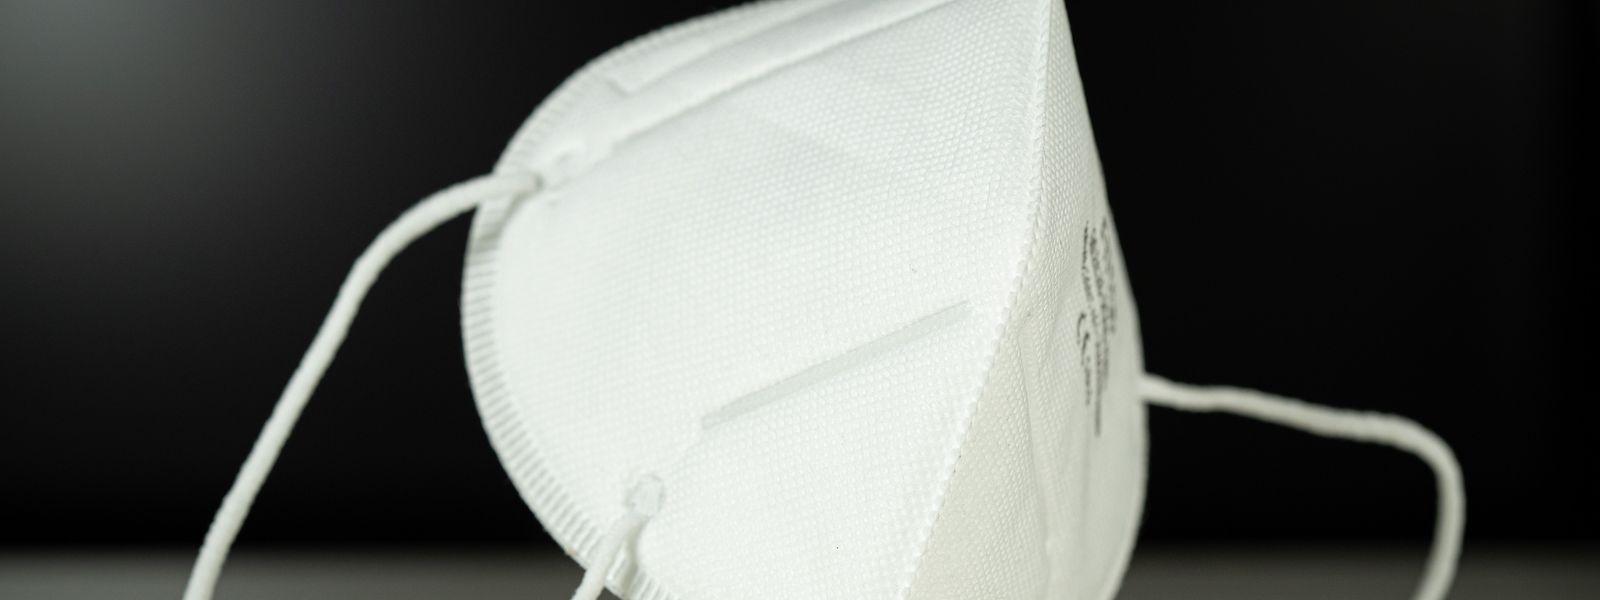 Atemschutzmasken sind wegen der Corona-Pandemie ein rares Gut. Betrüger wollten aus dieser Situation Kapital schlagen und mit einem Trick an viel Geld kommen.